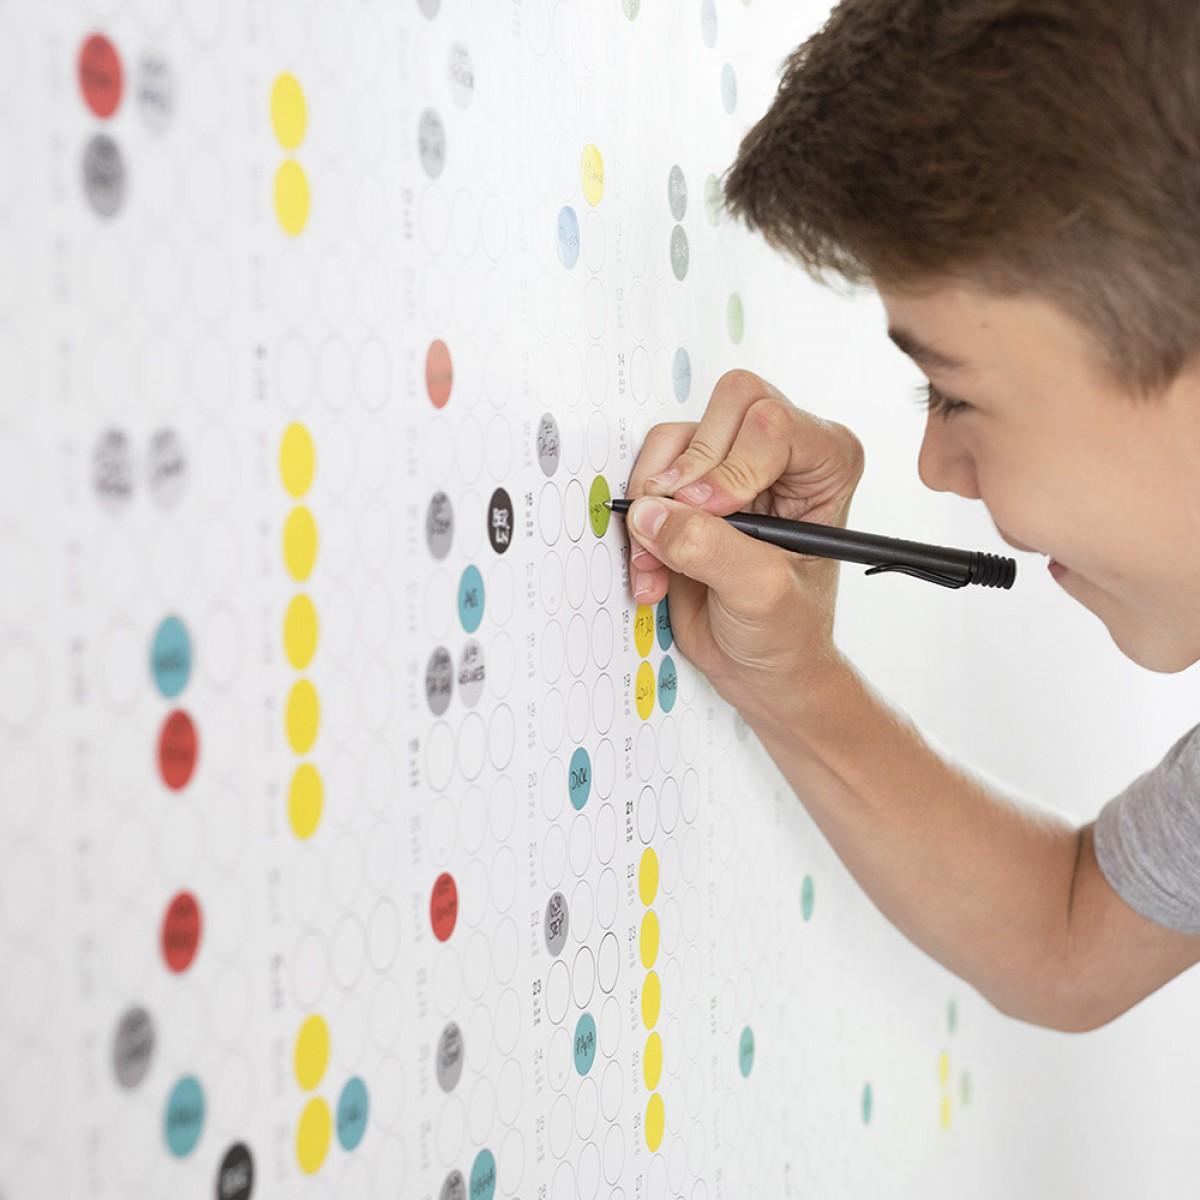 dot on high / Jahresplaner 2019 – mit über 700 Klebepunkten in 12 Farben